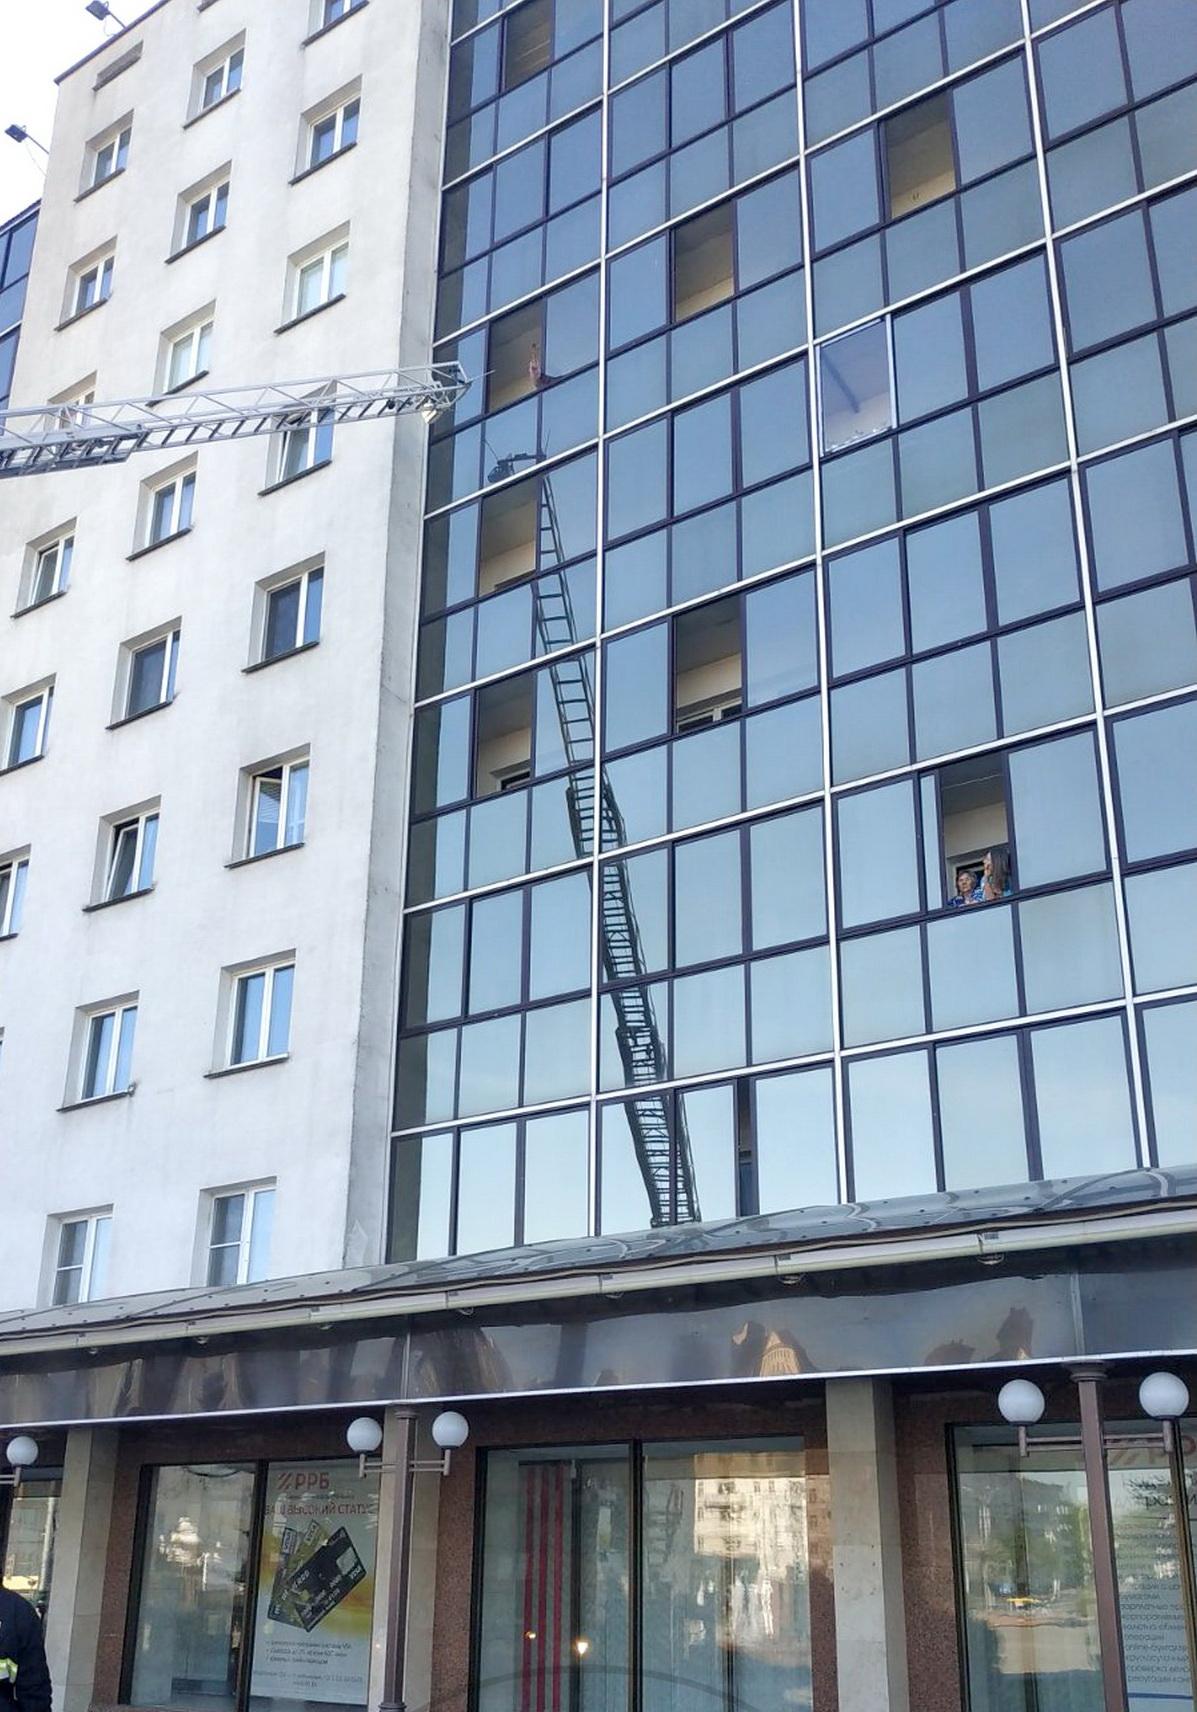 В Витебске кошка заперла свою хозяйку на балконе, ее спасали сотрудники МЧС — видео